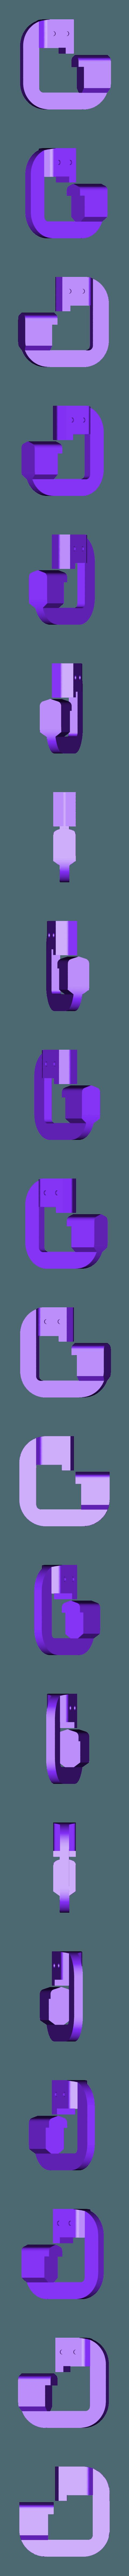 CastChainPuzzle2.stl Télécharger fichier STL gratuit CastChainPuzzle • Plan pour impression 3D, Digitang3D